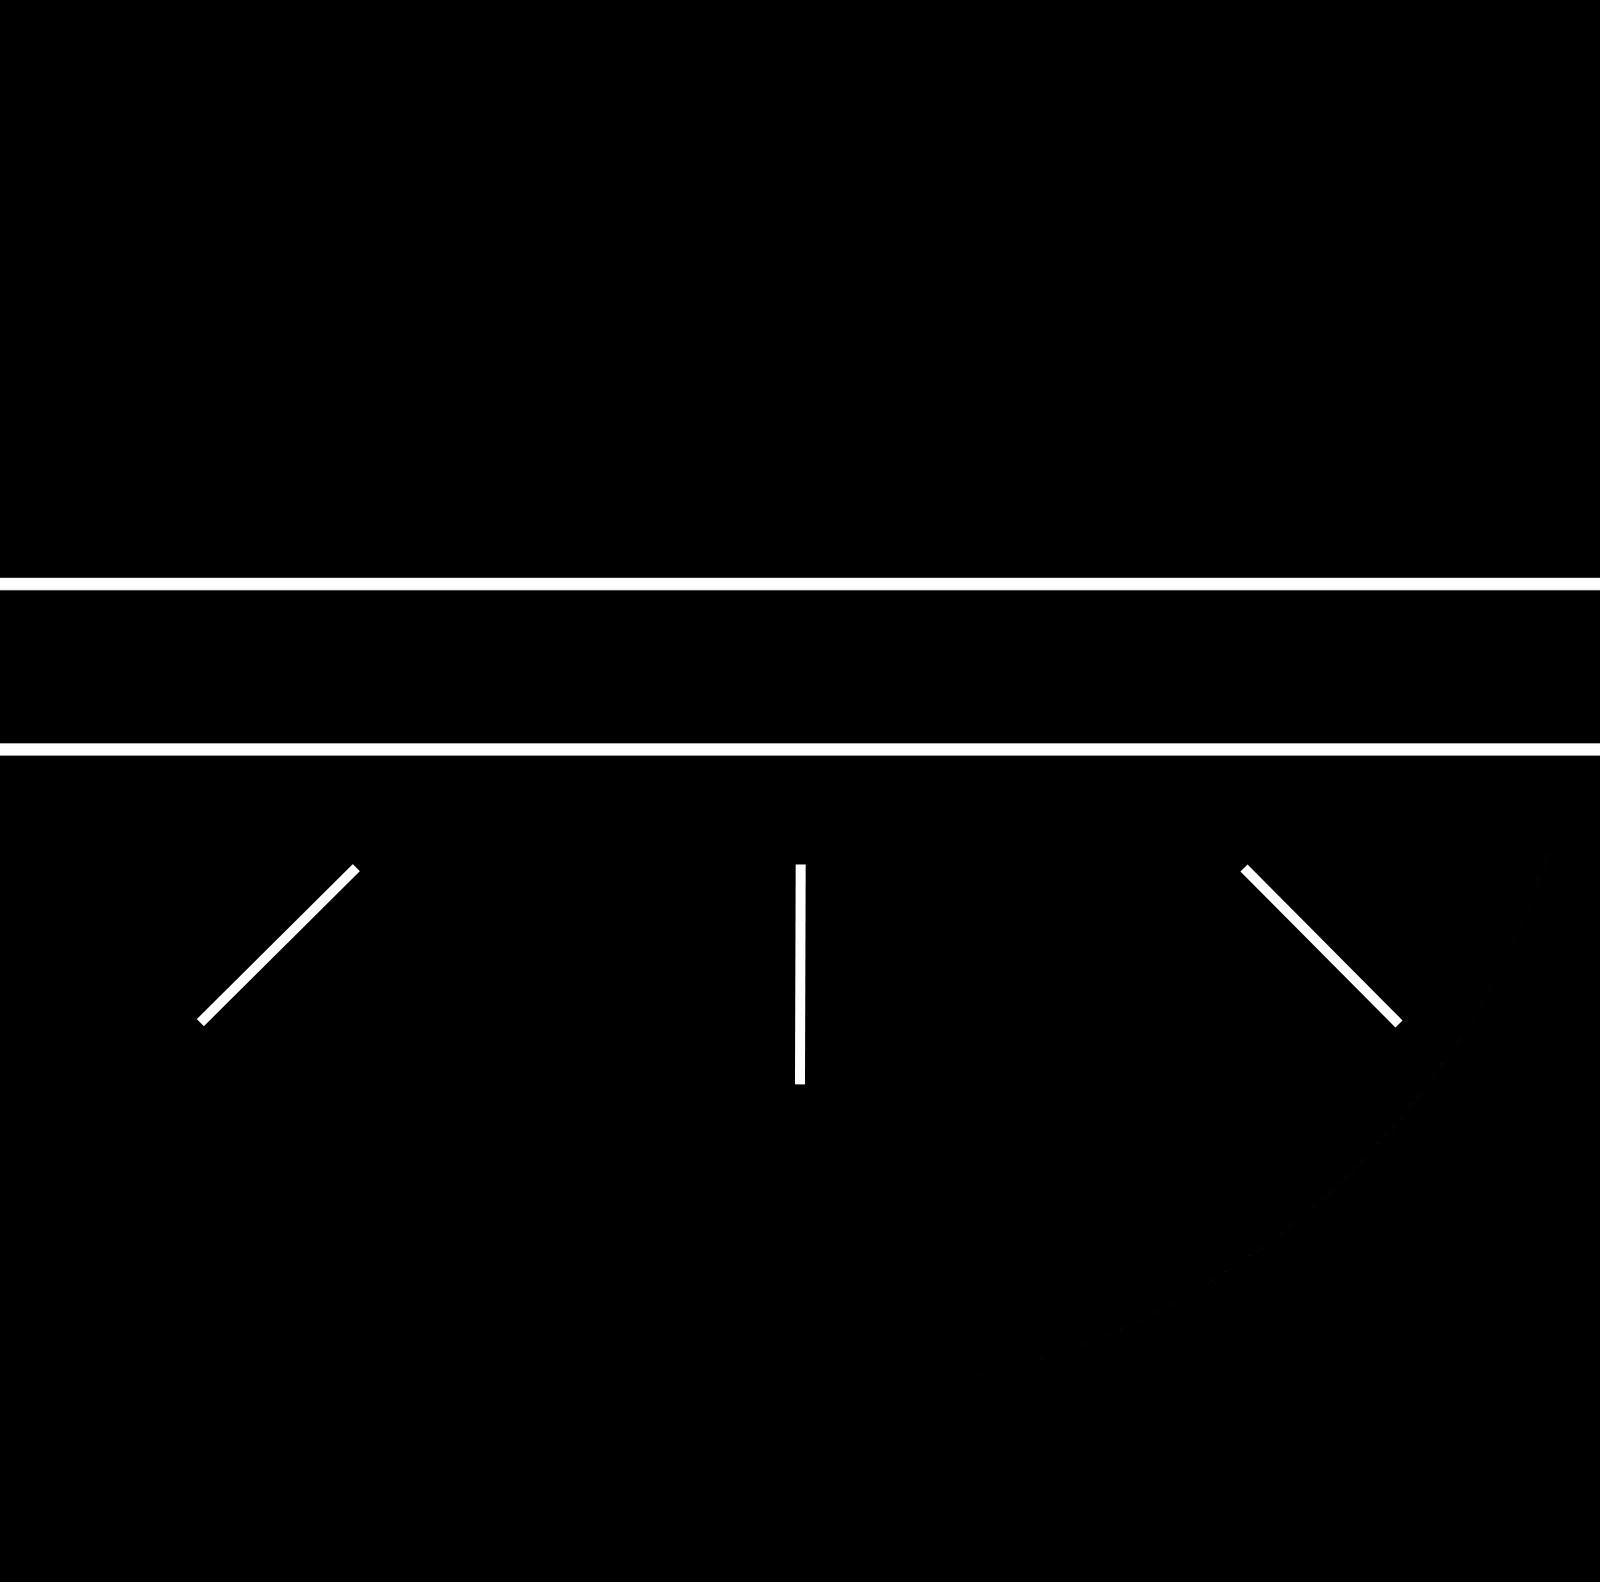 גופי תאורה בקטגוריית - מערכות תאורה בקליק